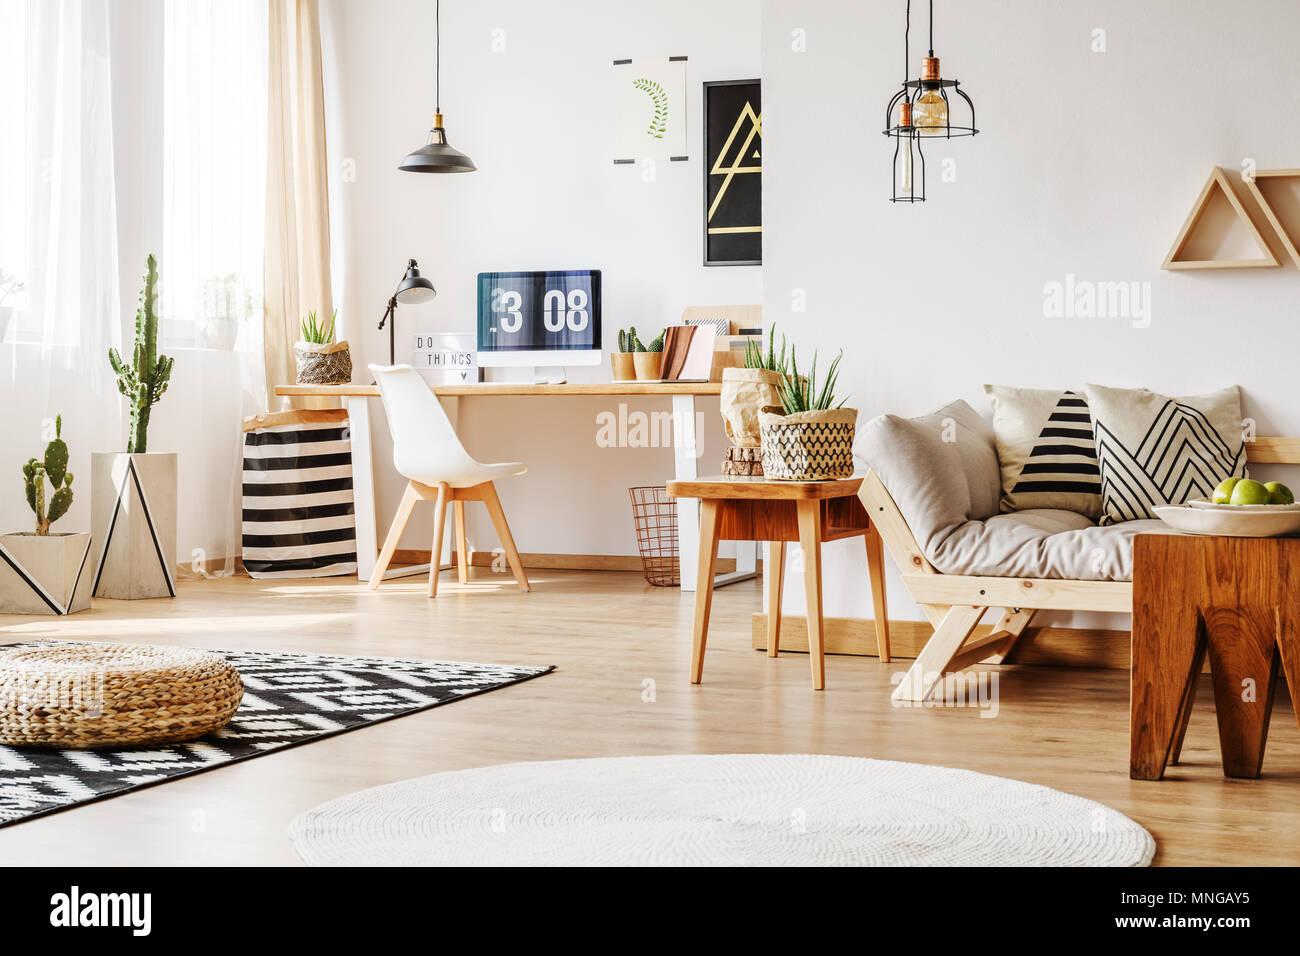 Idée de design d intérieur pour la maison avec de l espace de mur